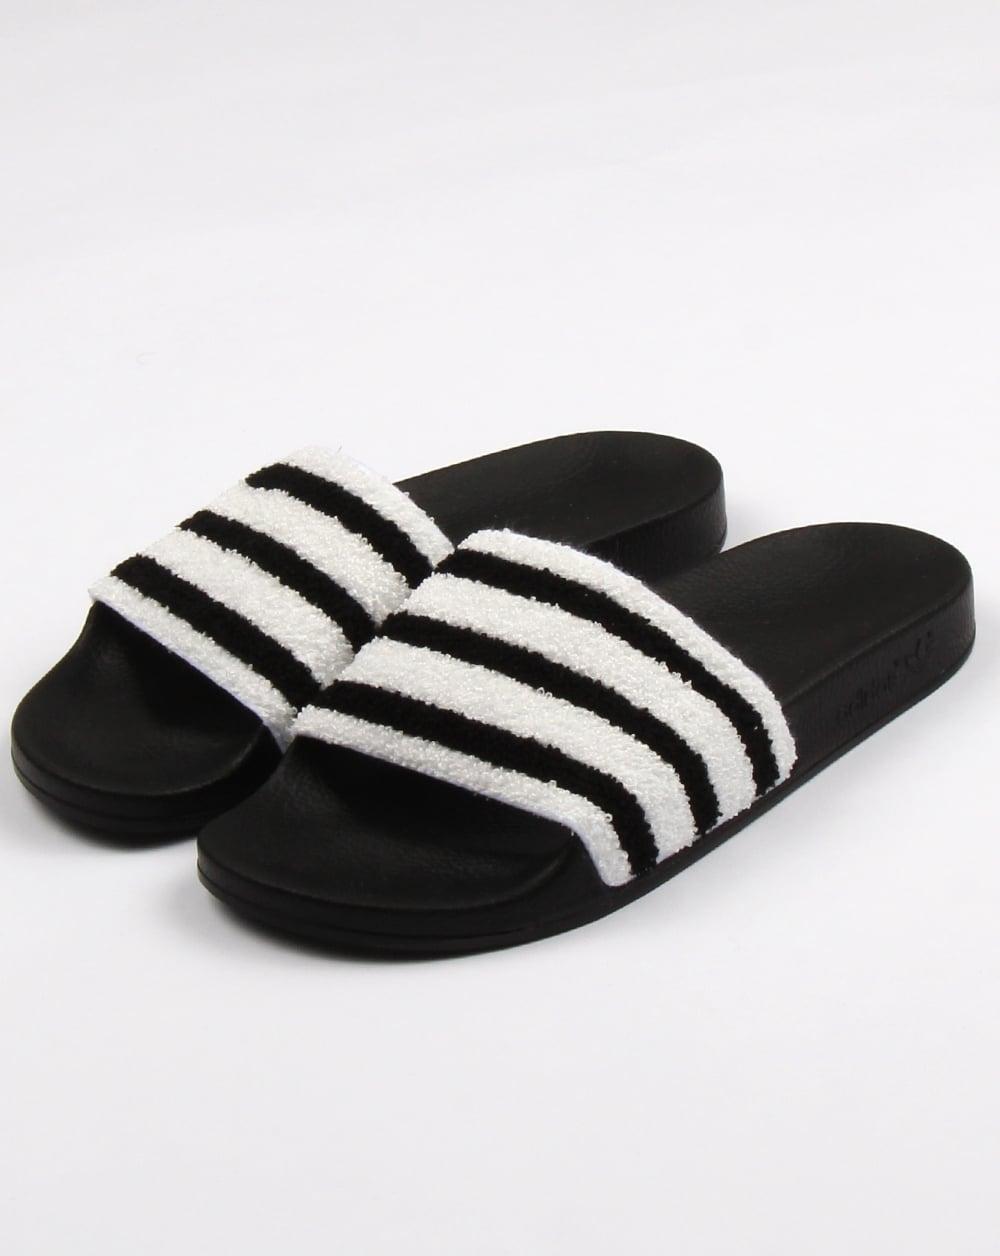 Adilette Furry Slider Sandals In Black - Black adidas Originals 9QCOB